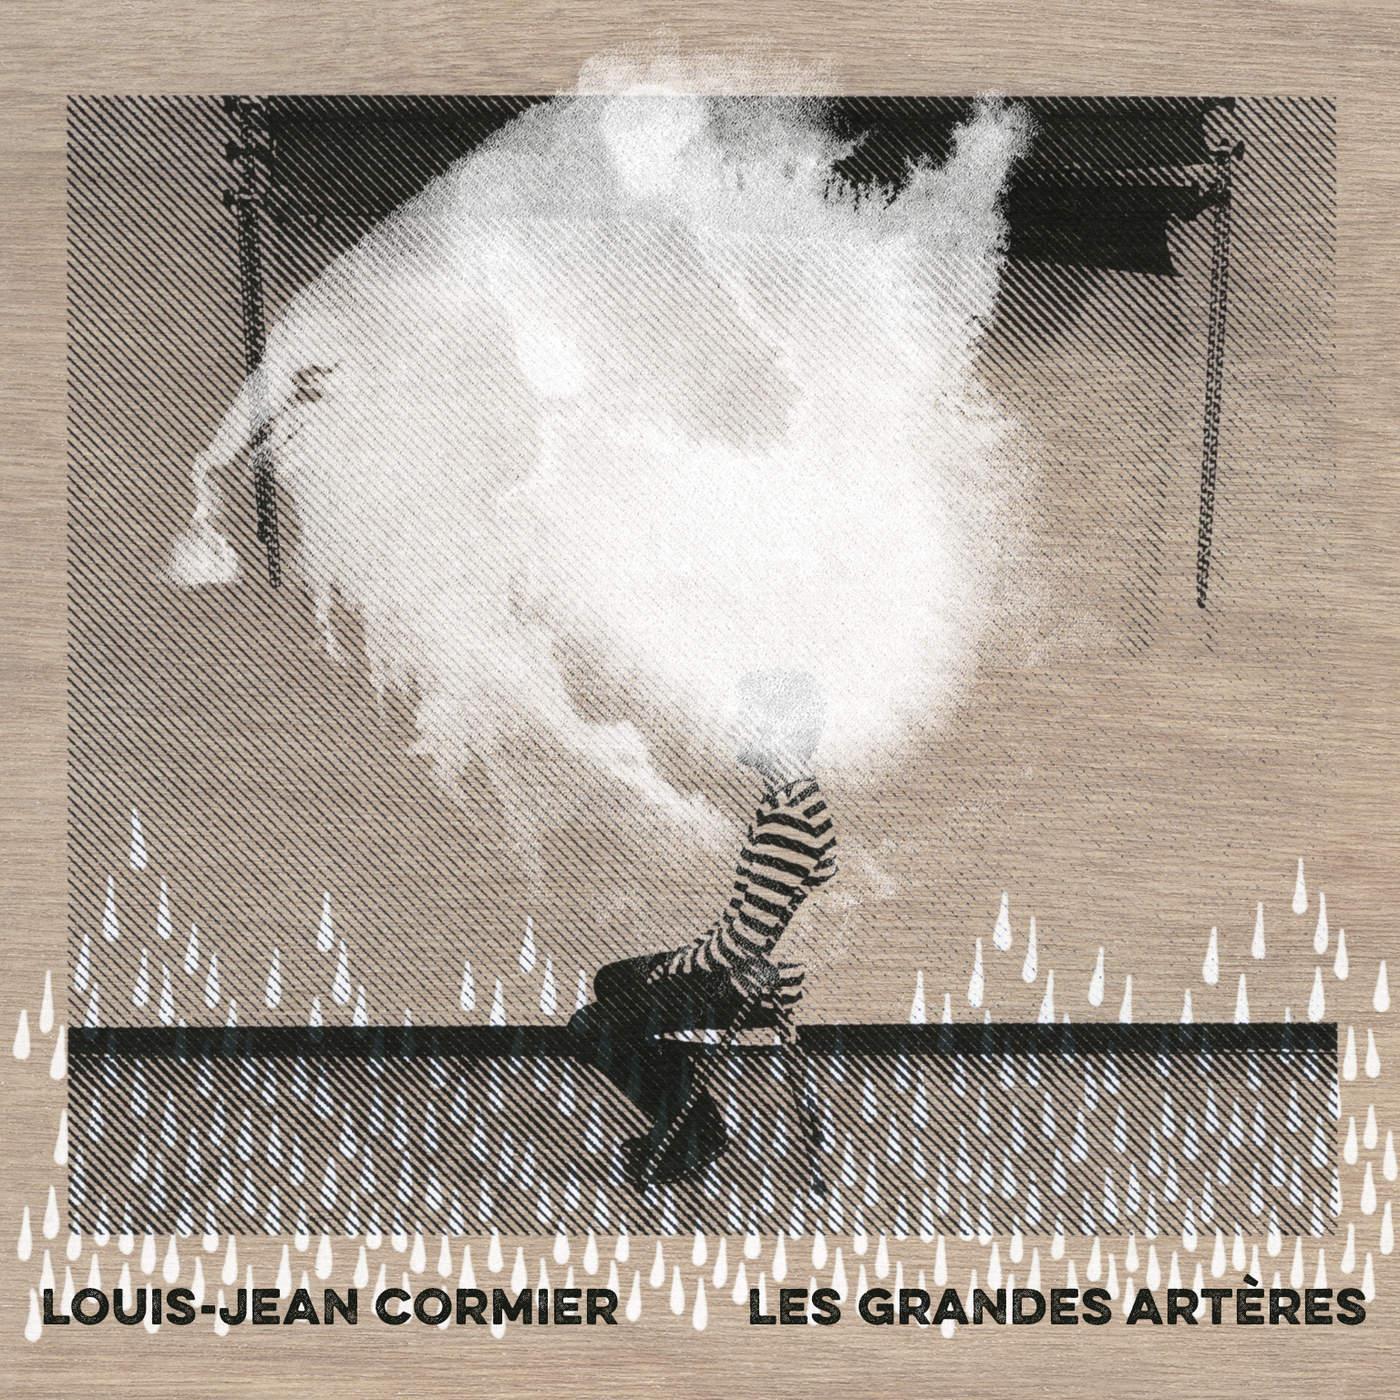 Louis jean Cormier album Les grandes artères interview Karkwa United States Of Paris